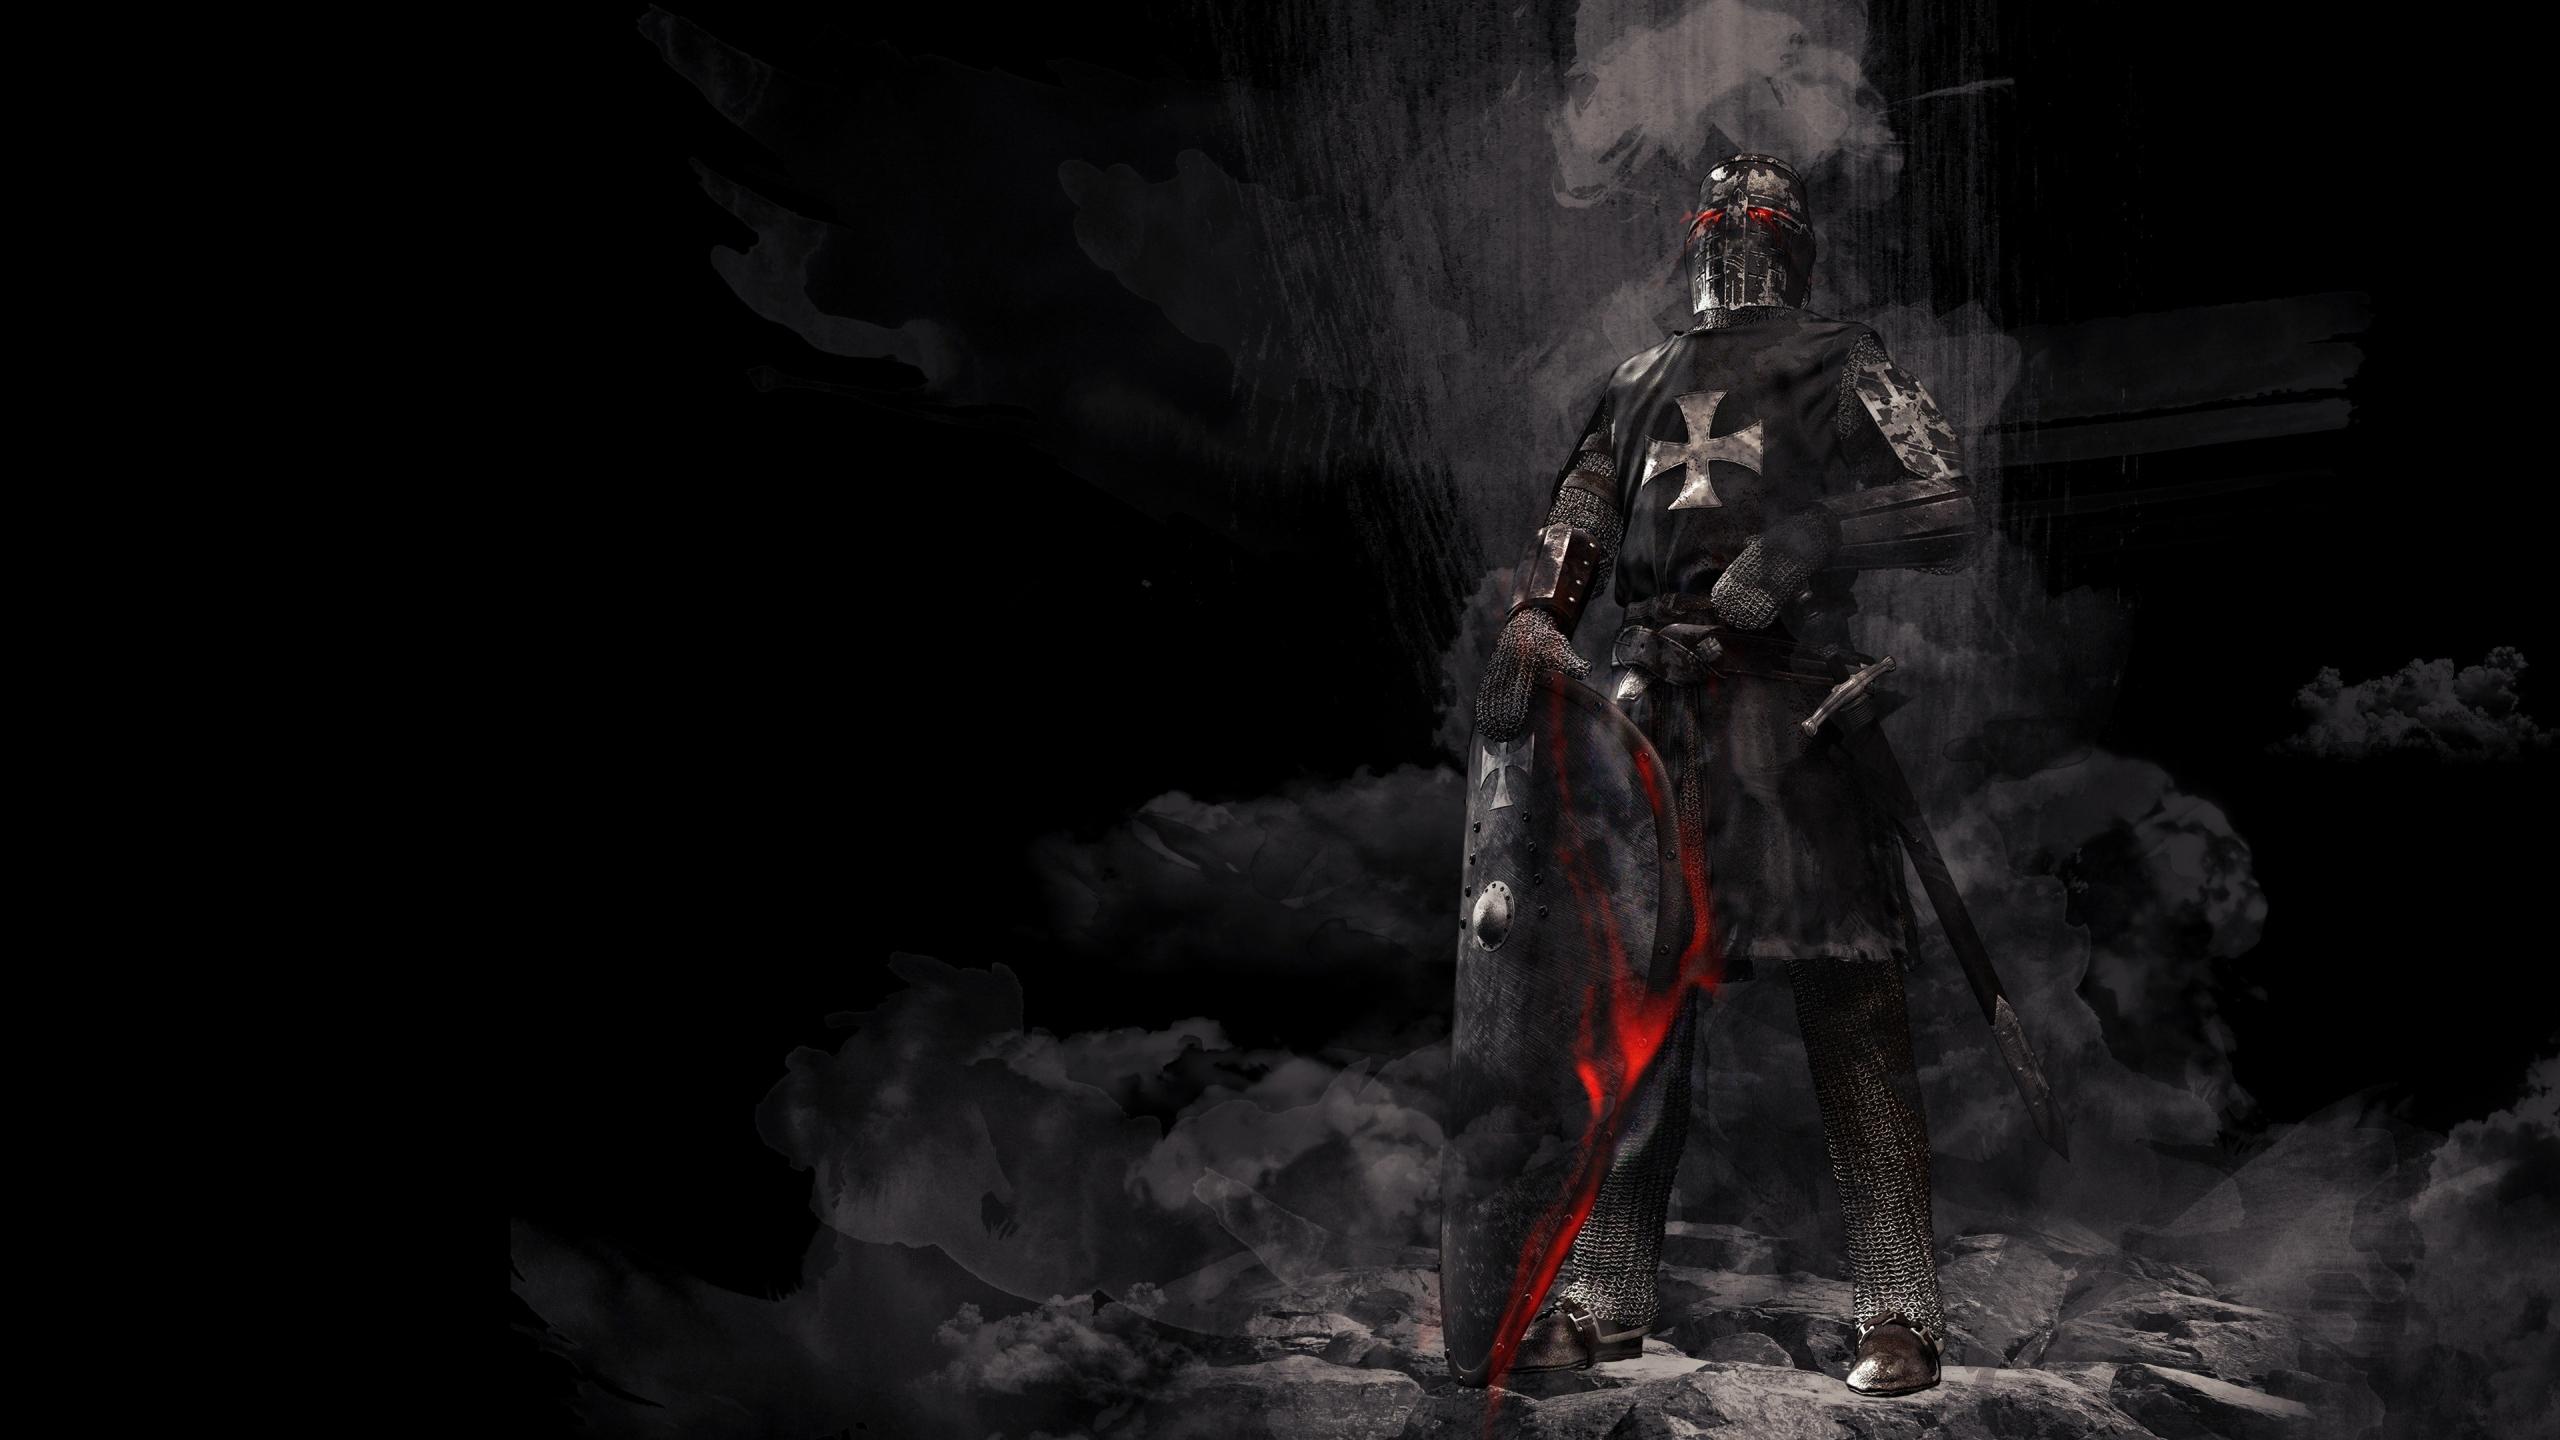 2560x1440 Wallpaper Dark Knight Warrior 4k